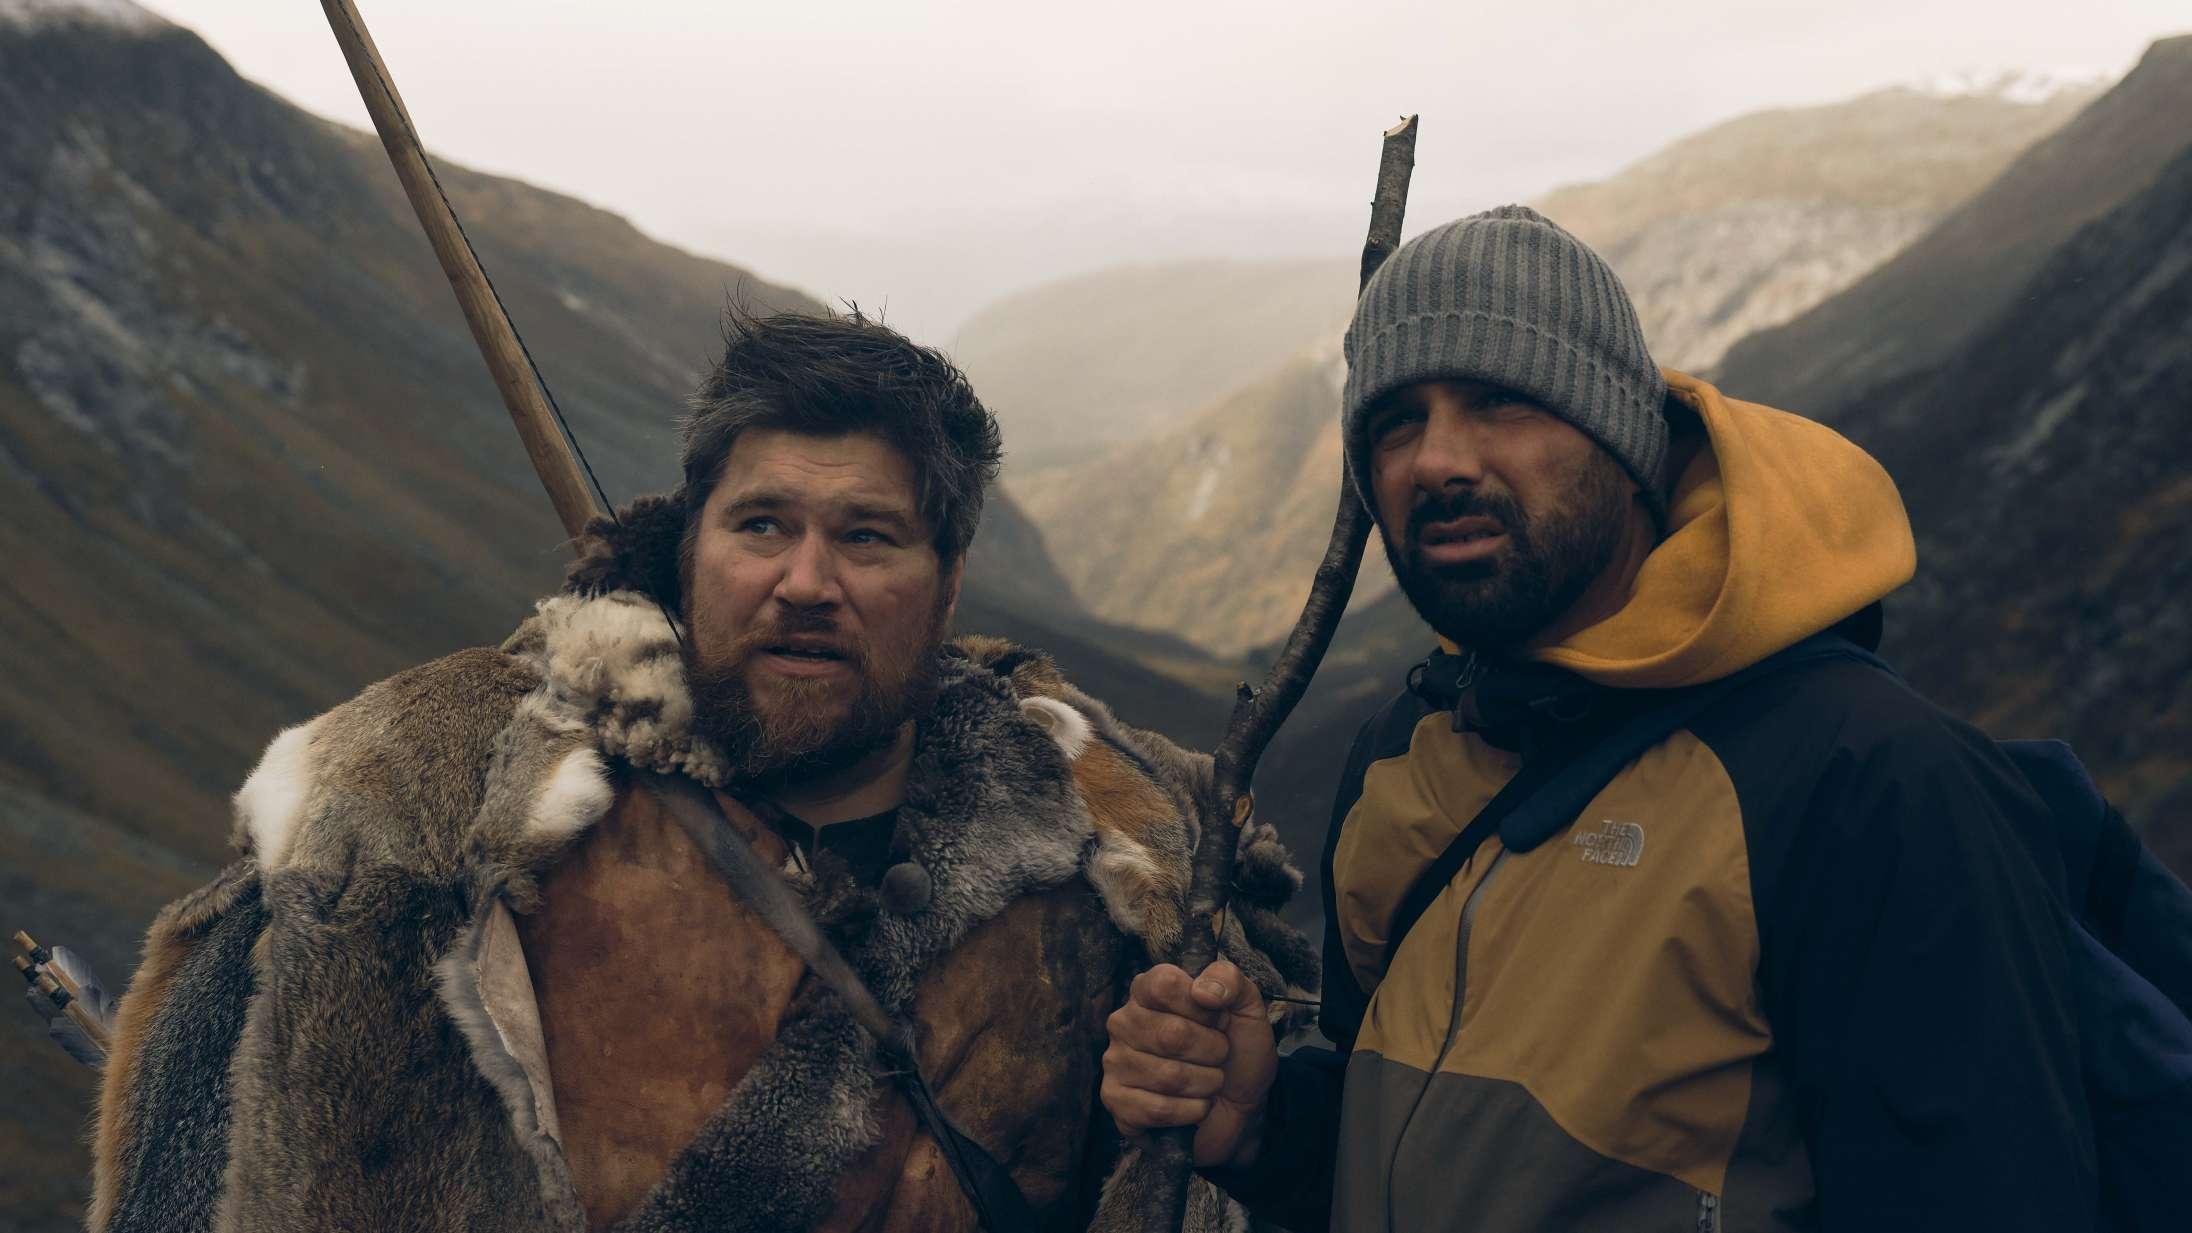 Soundvenue Live: Forpremiere på den forrygende sorte komedie 'Vildmænd' – mød Rasmus Bjerg, Zaki Youssef og instruktør Thomas Daneskov